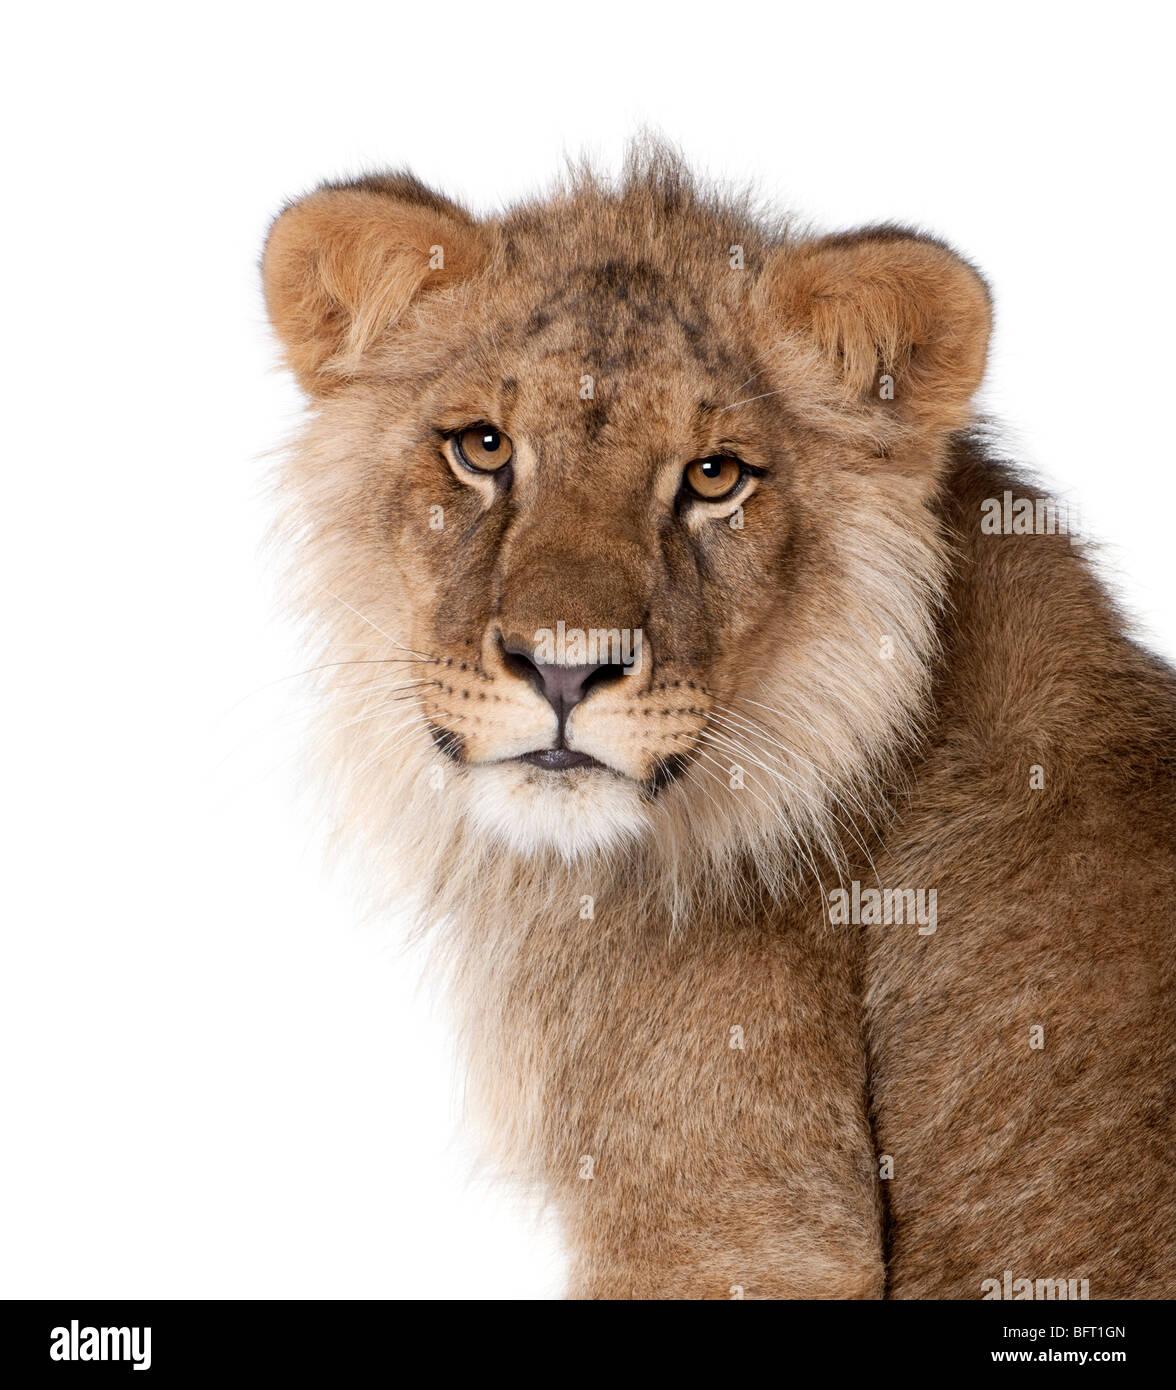 León, Panthera leo, 9 meses, delante de un fondo blanco, Foto de estudio Imagen De Stock